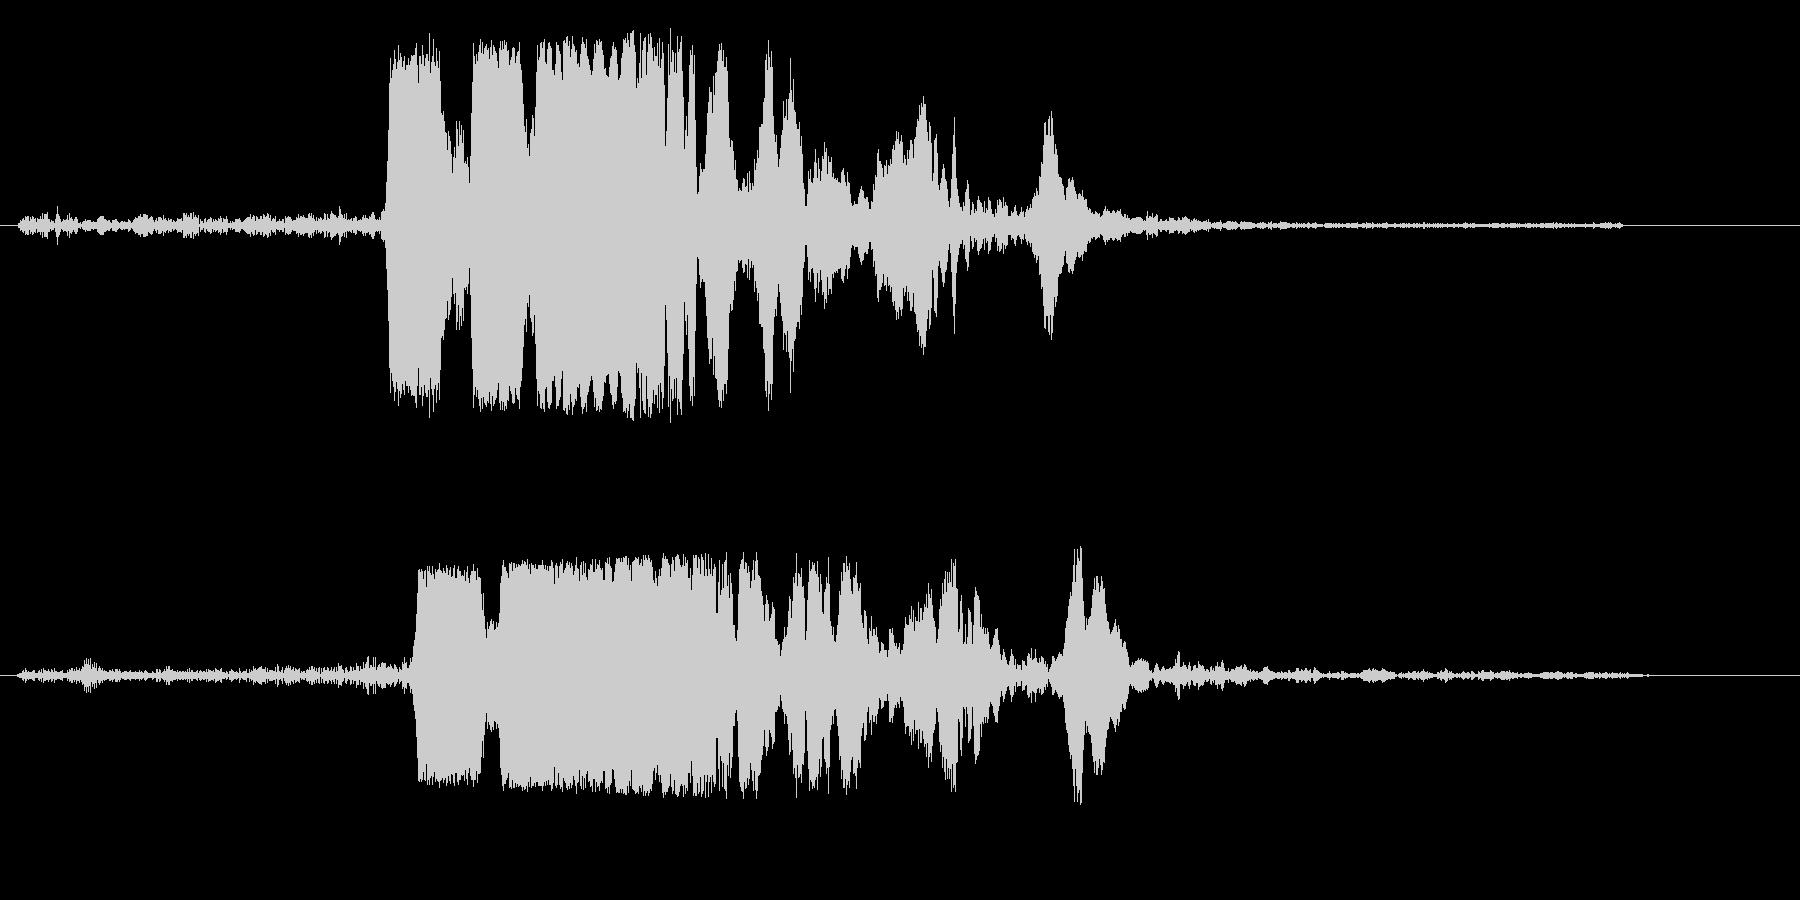 キキーッ(自動車の急ブレーキ音)の未再生の波形